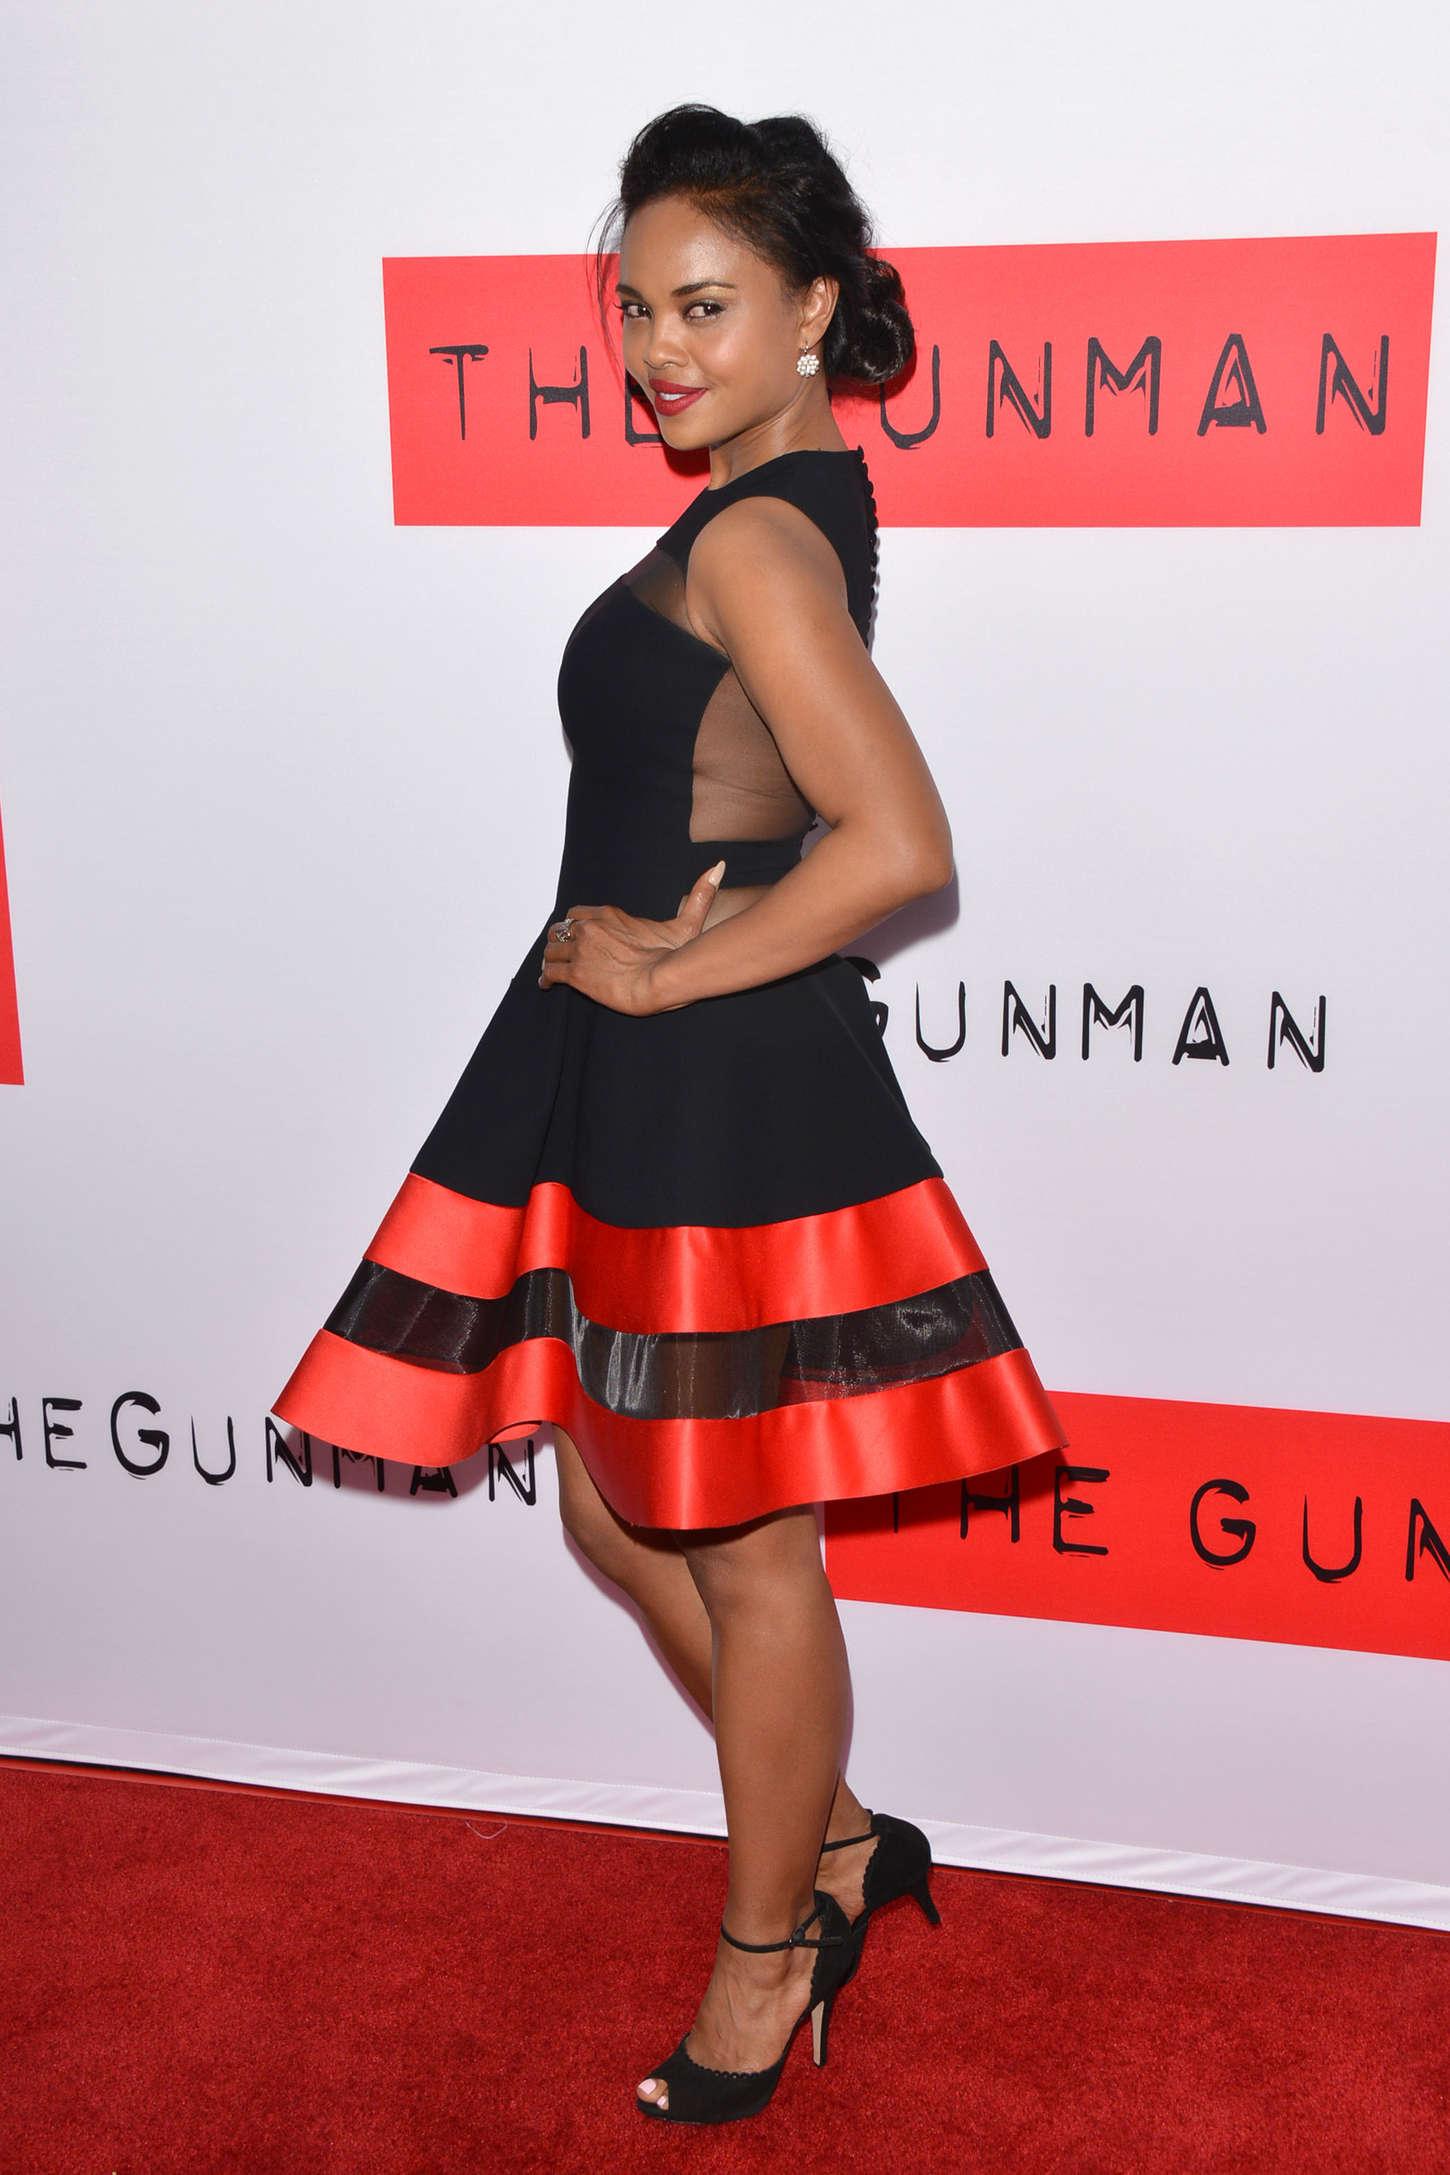 """Sharon Leal - """"The Gunman"""" Premiere in LA"""